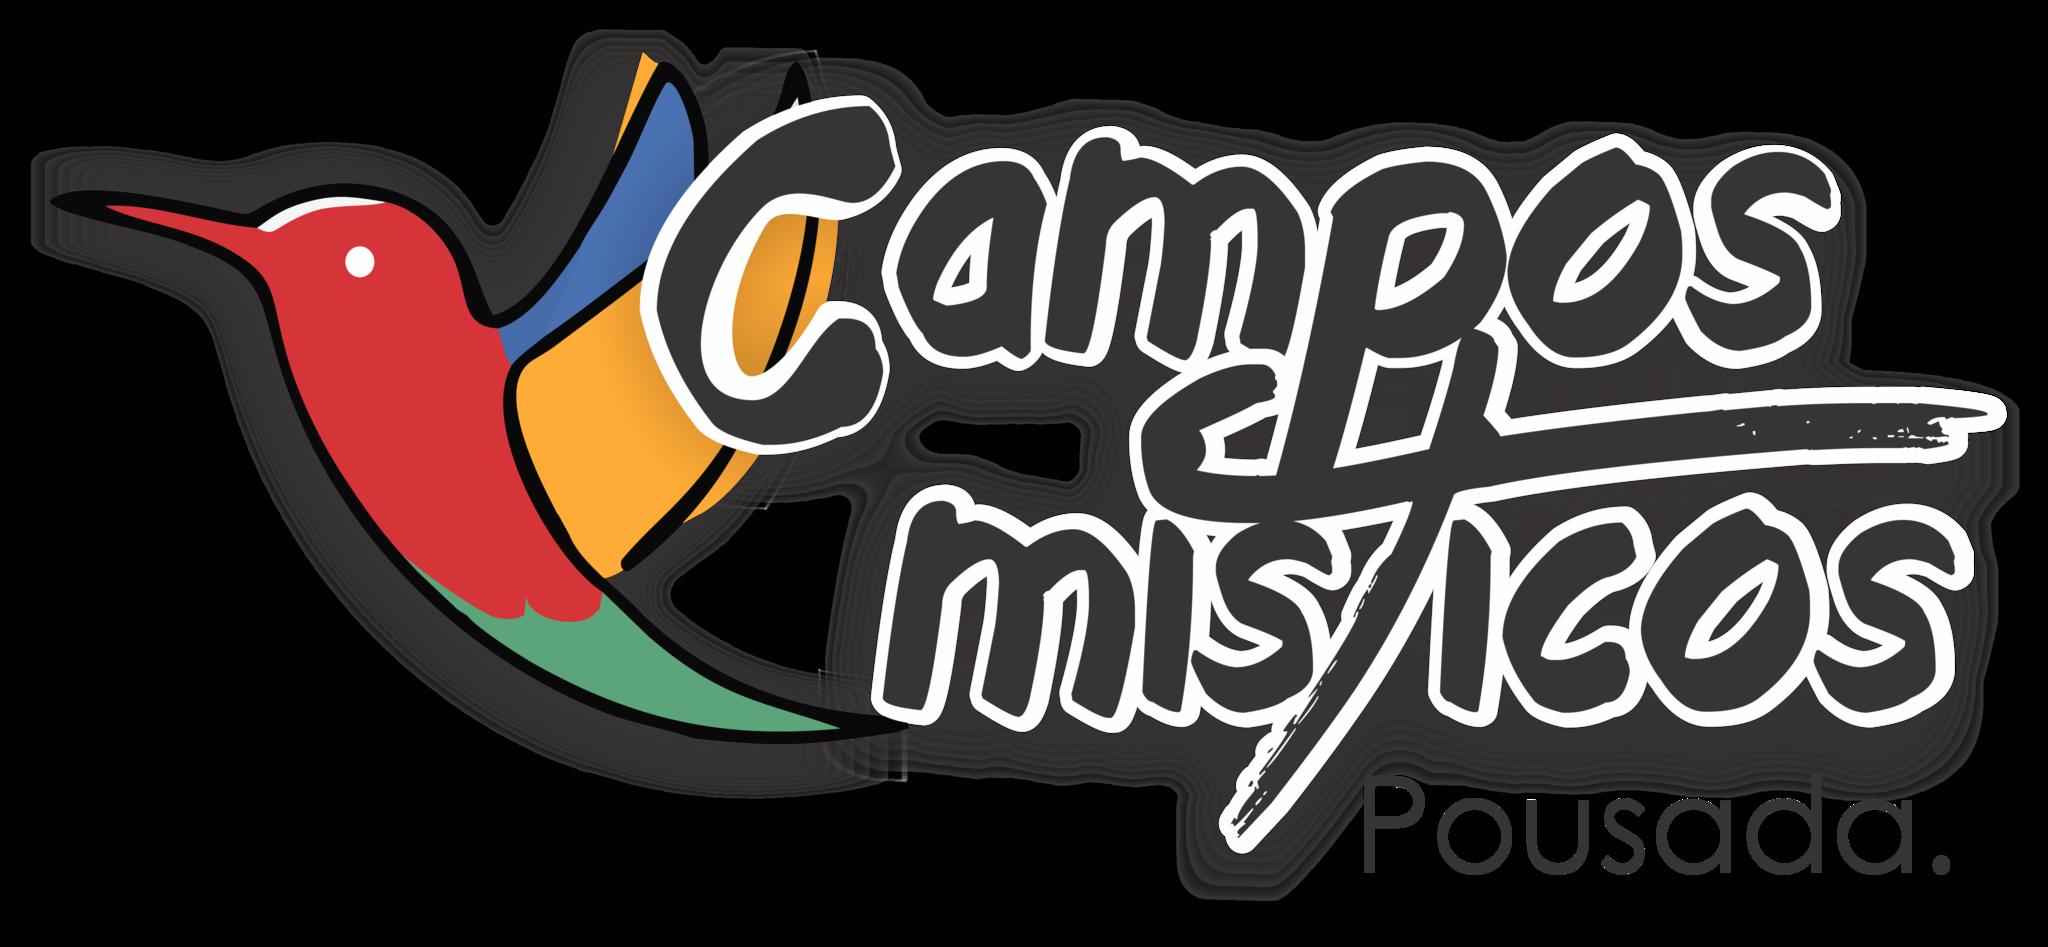 Campos Misticos